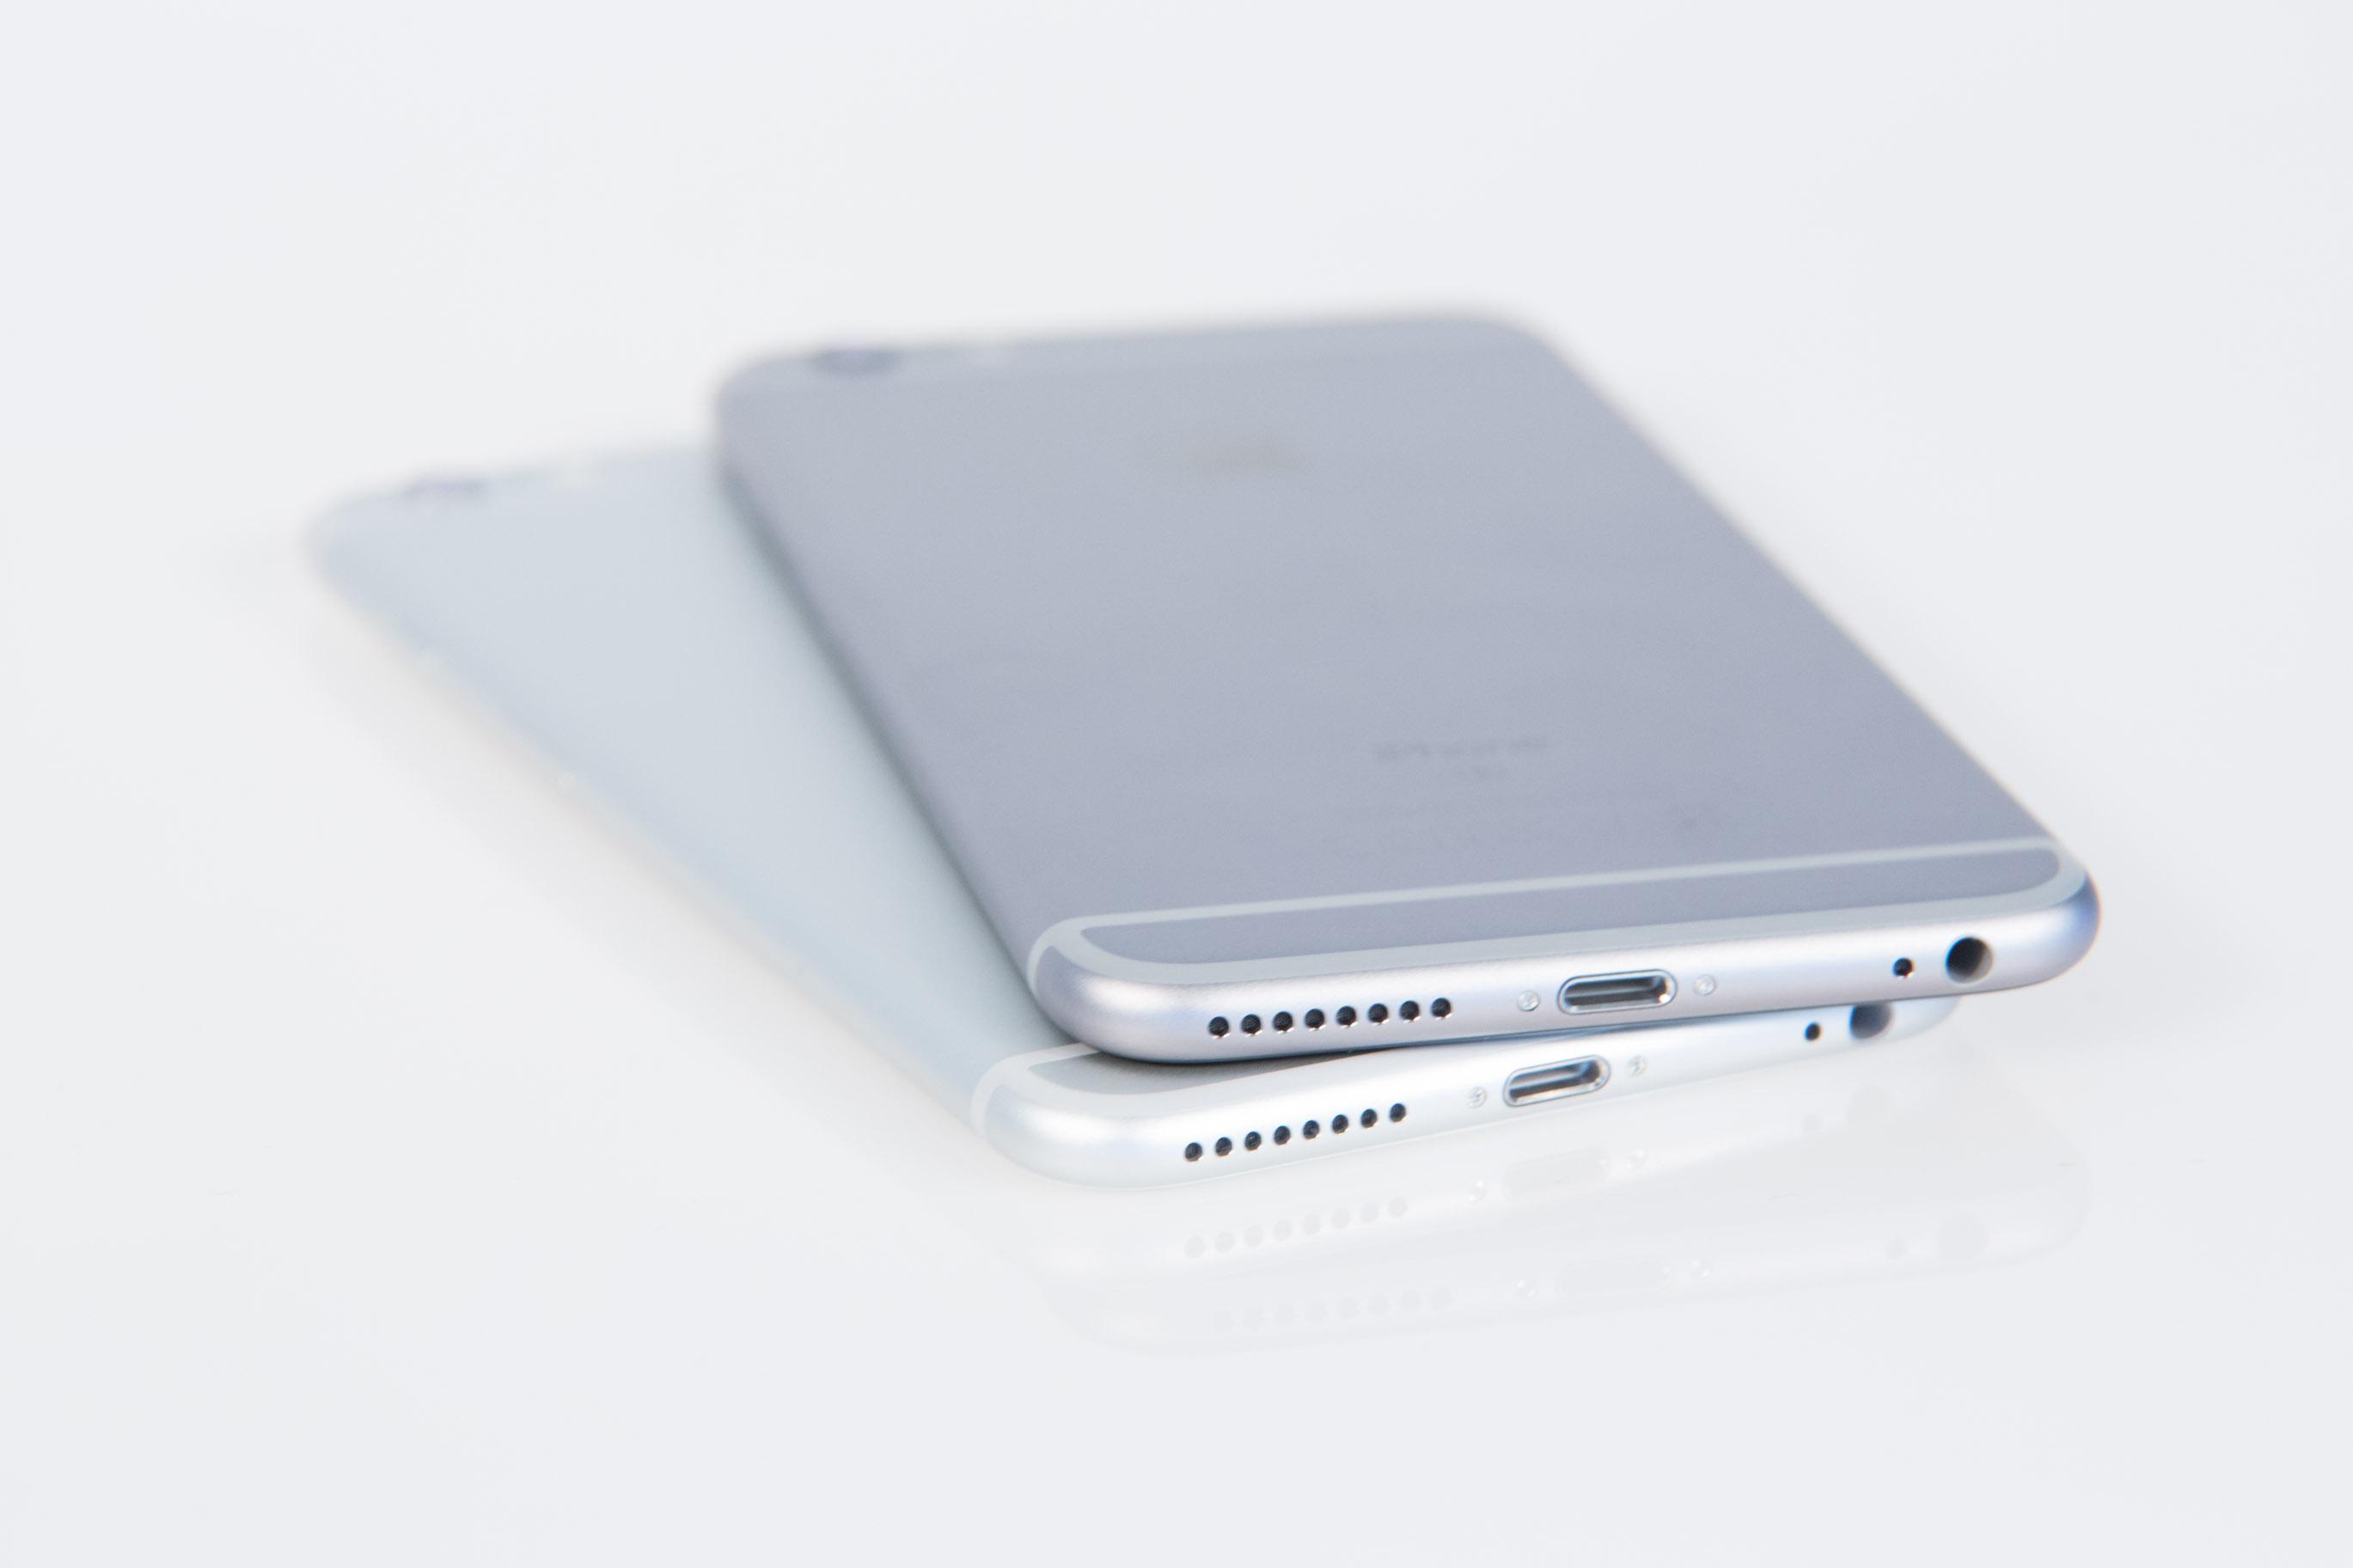 iPhone 6S Plus im Test: Ein so schnelles Smartphone gab es noch nie, aber - Das iPhone 6 Plus (links) und das iPhone 6S Plus (rechts) im direkten Vergleich (Bild: Martin Wolf/Golem.de)